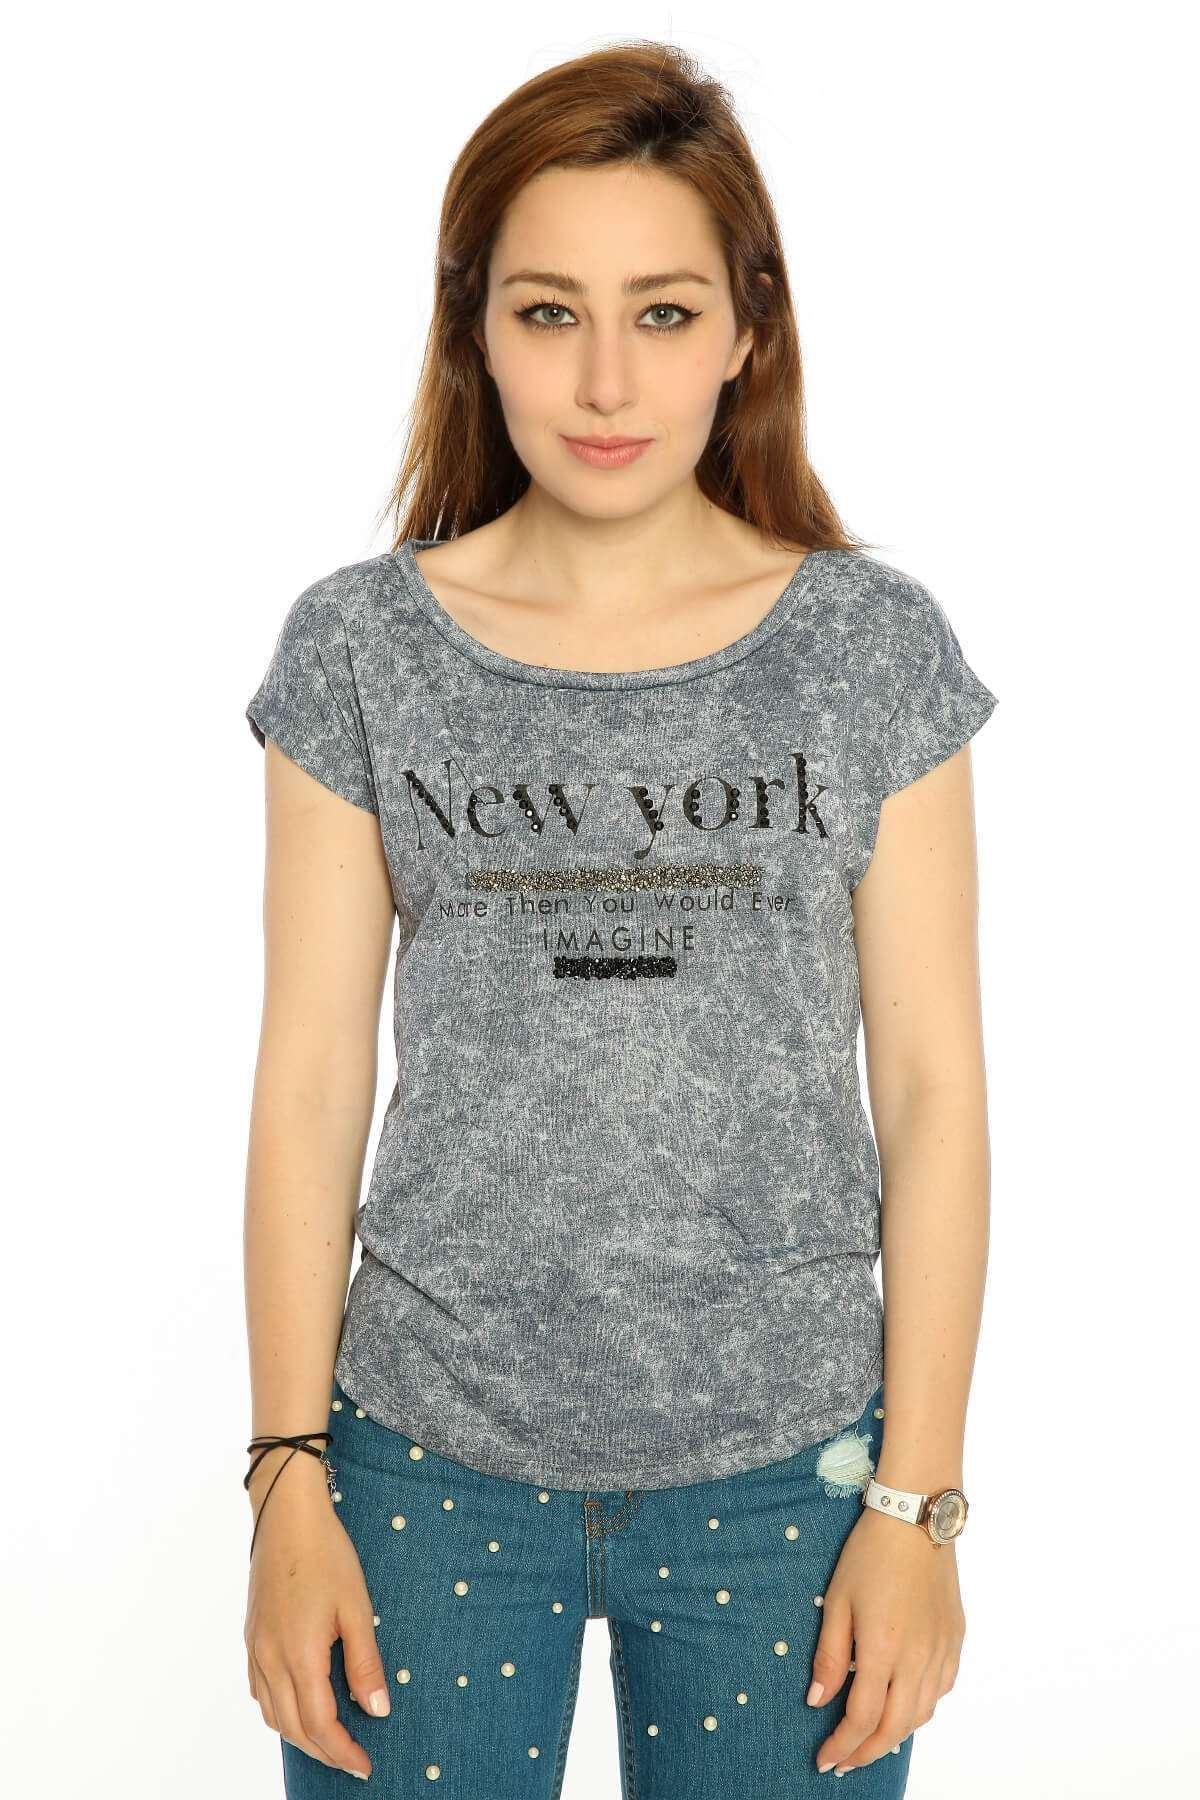 Newyork Sırt Dekolte Önü Kısa Tişört Laci